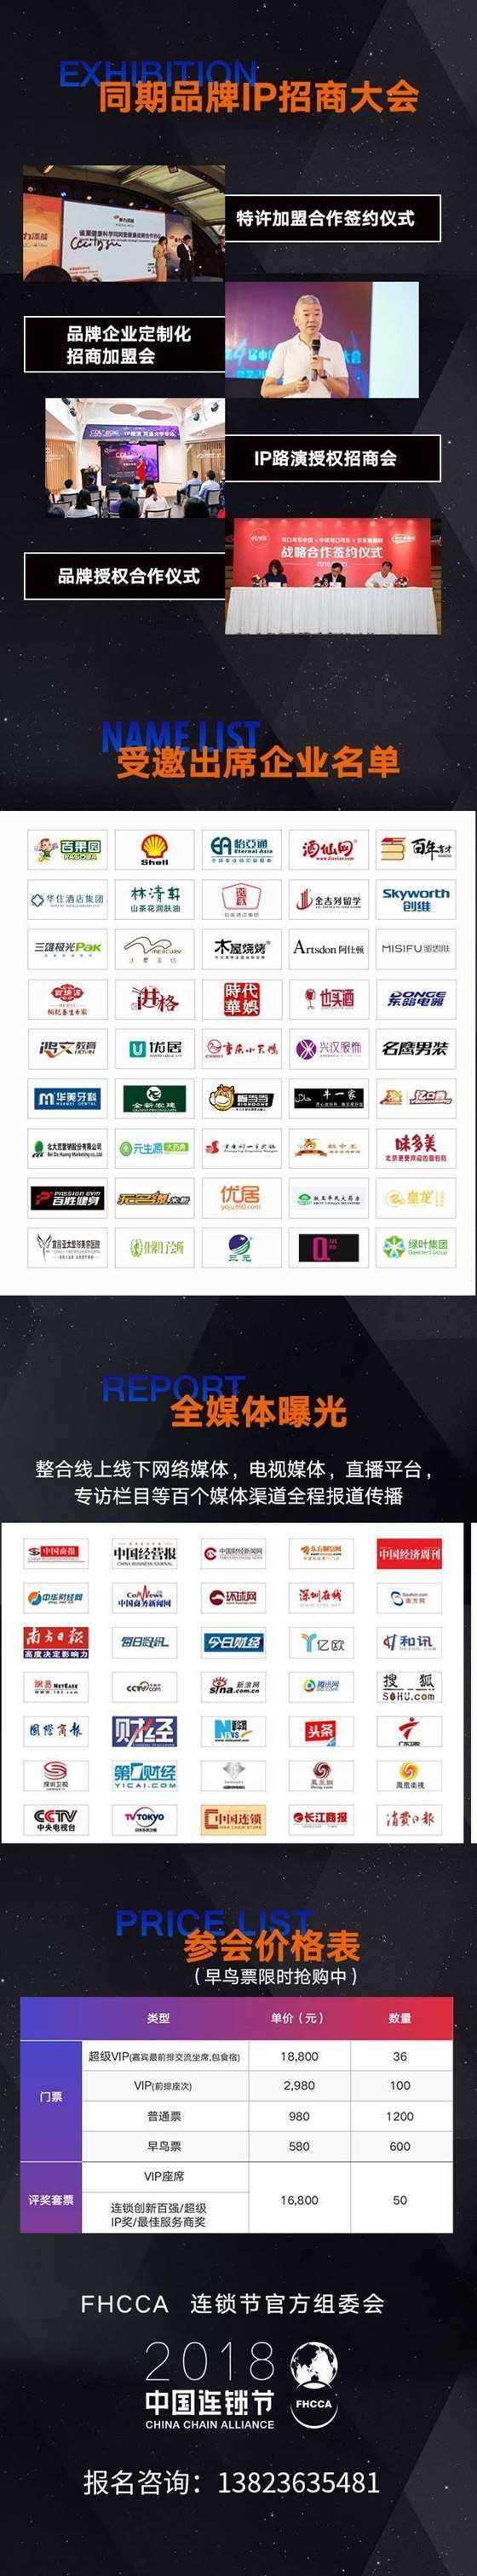 中国连锁节长图2_04.jpg